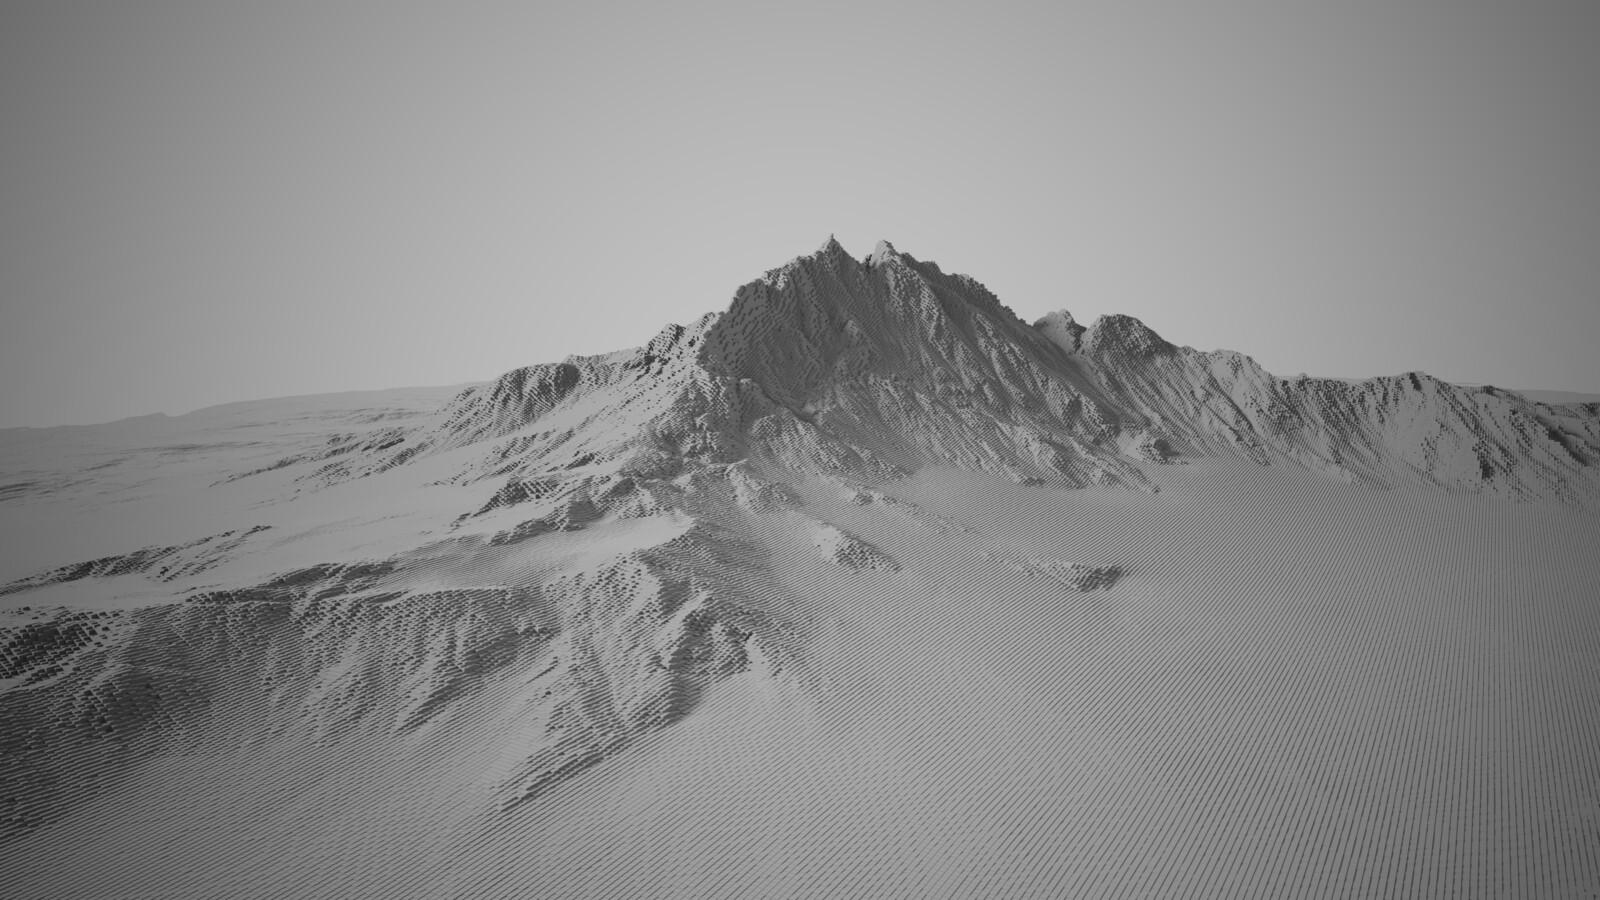 Voxelated Mountain